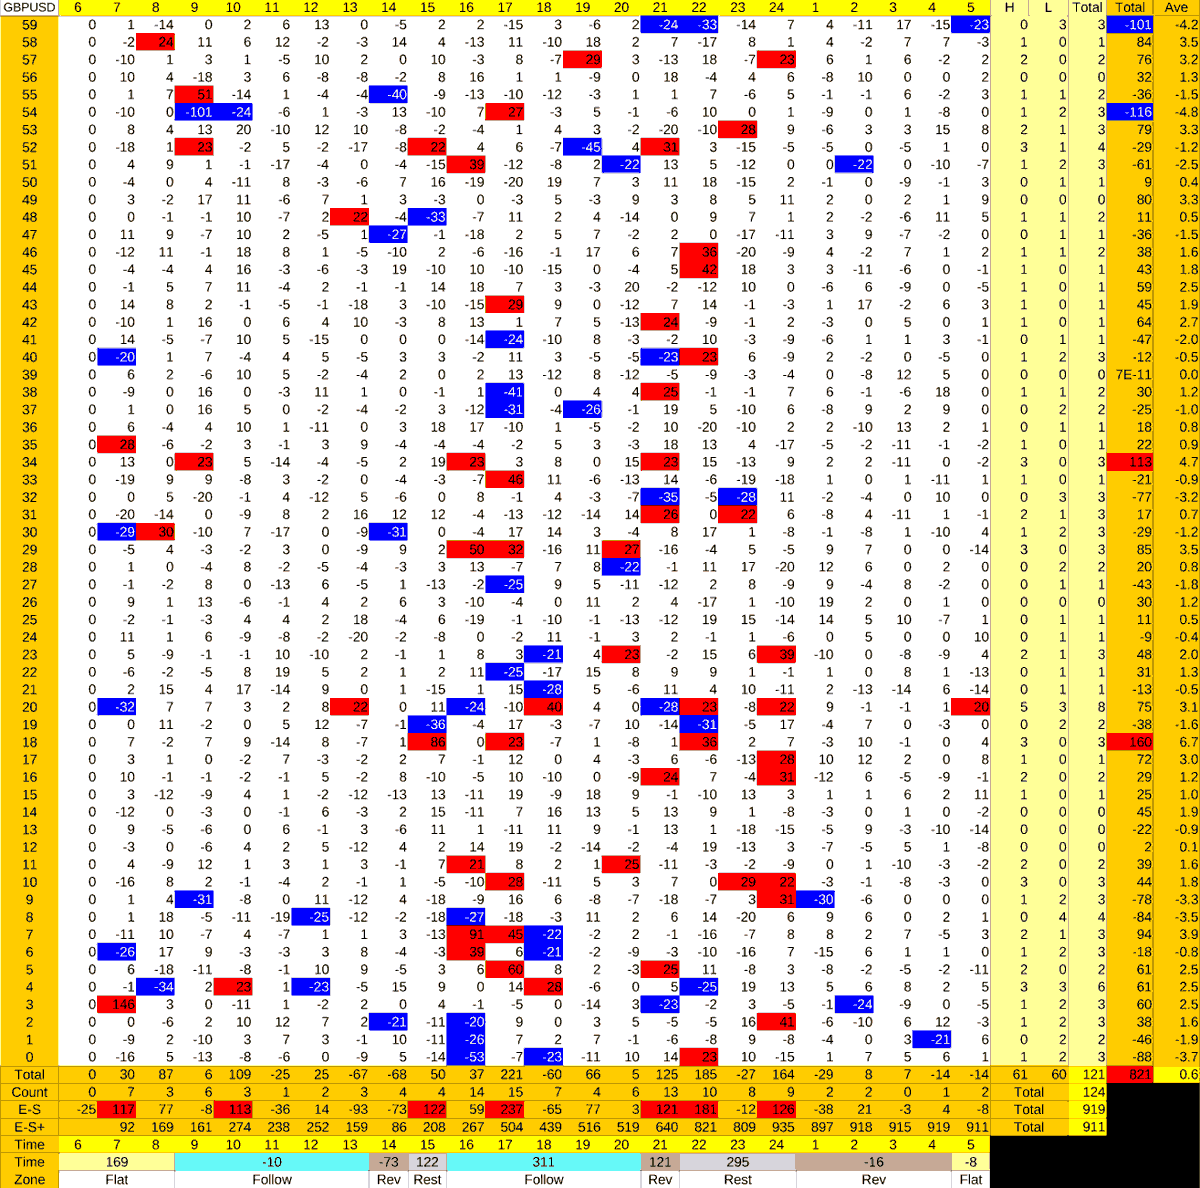 20210405_HS(2)GBPUSD